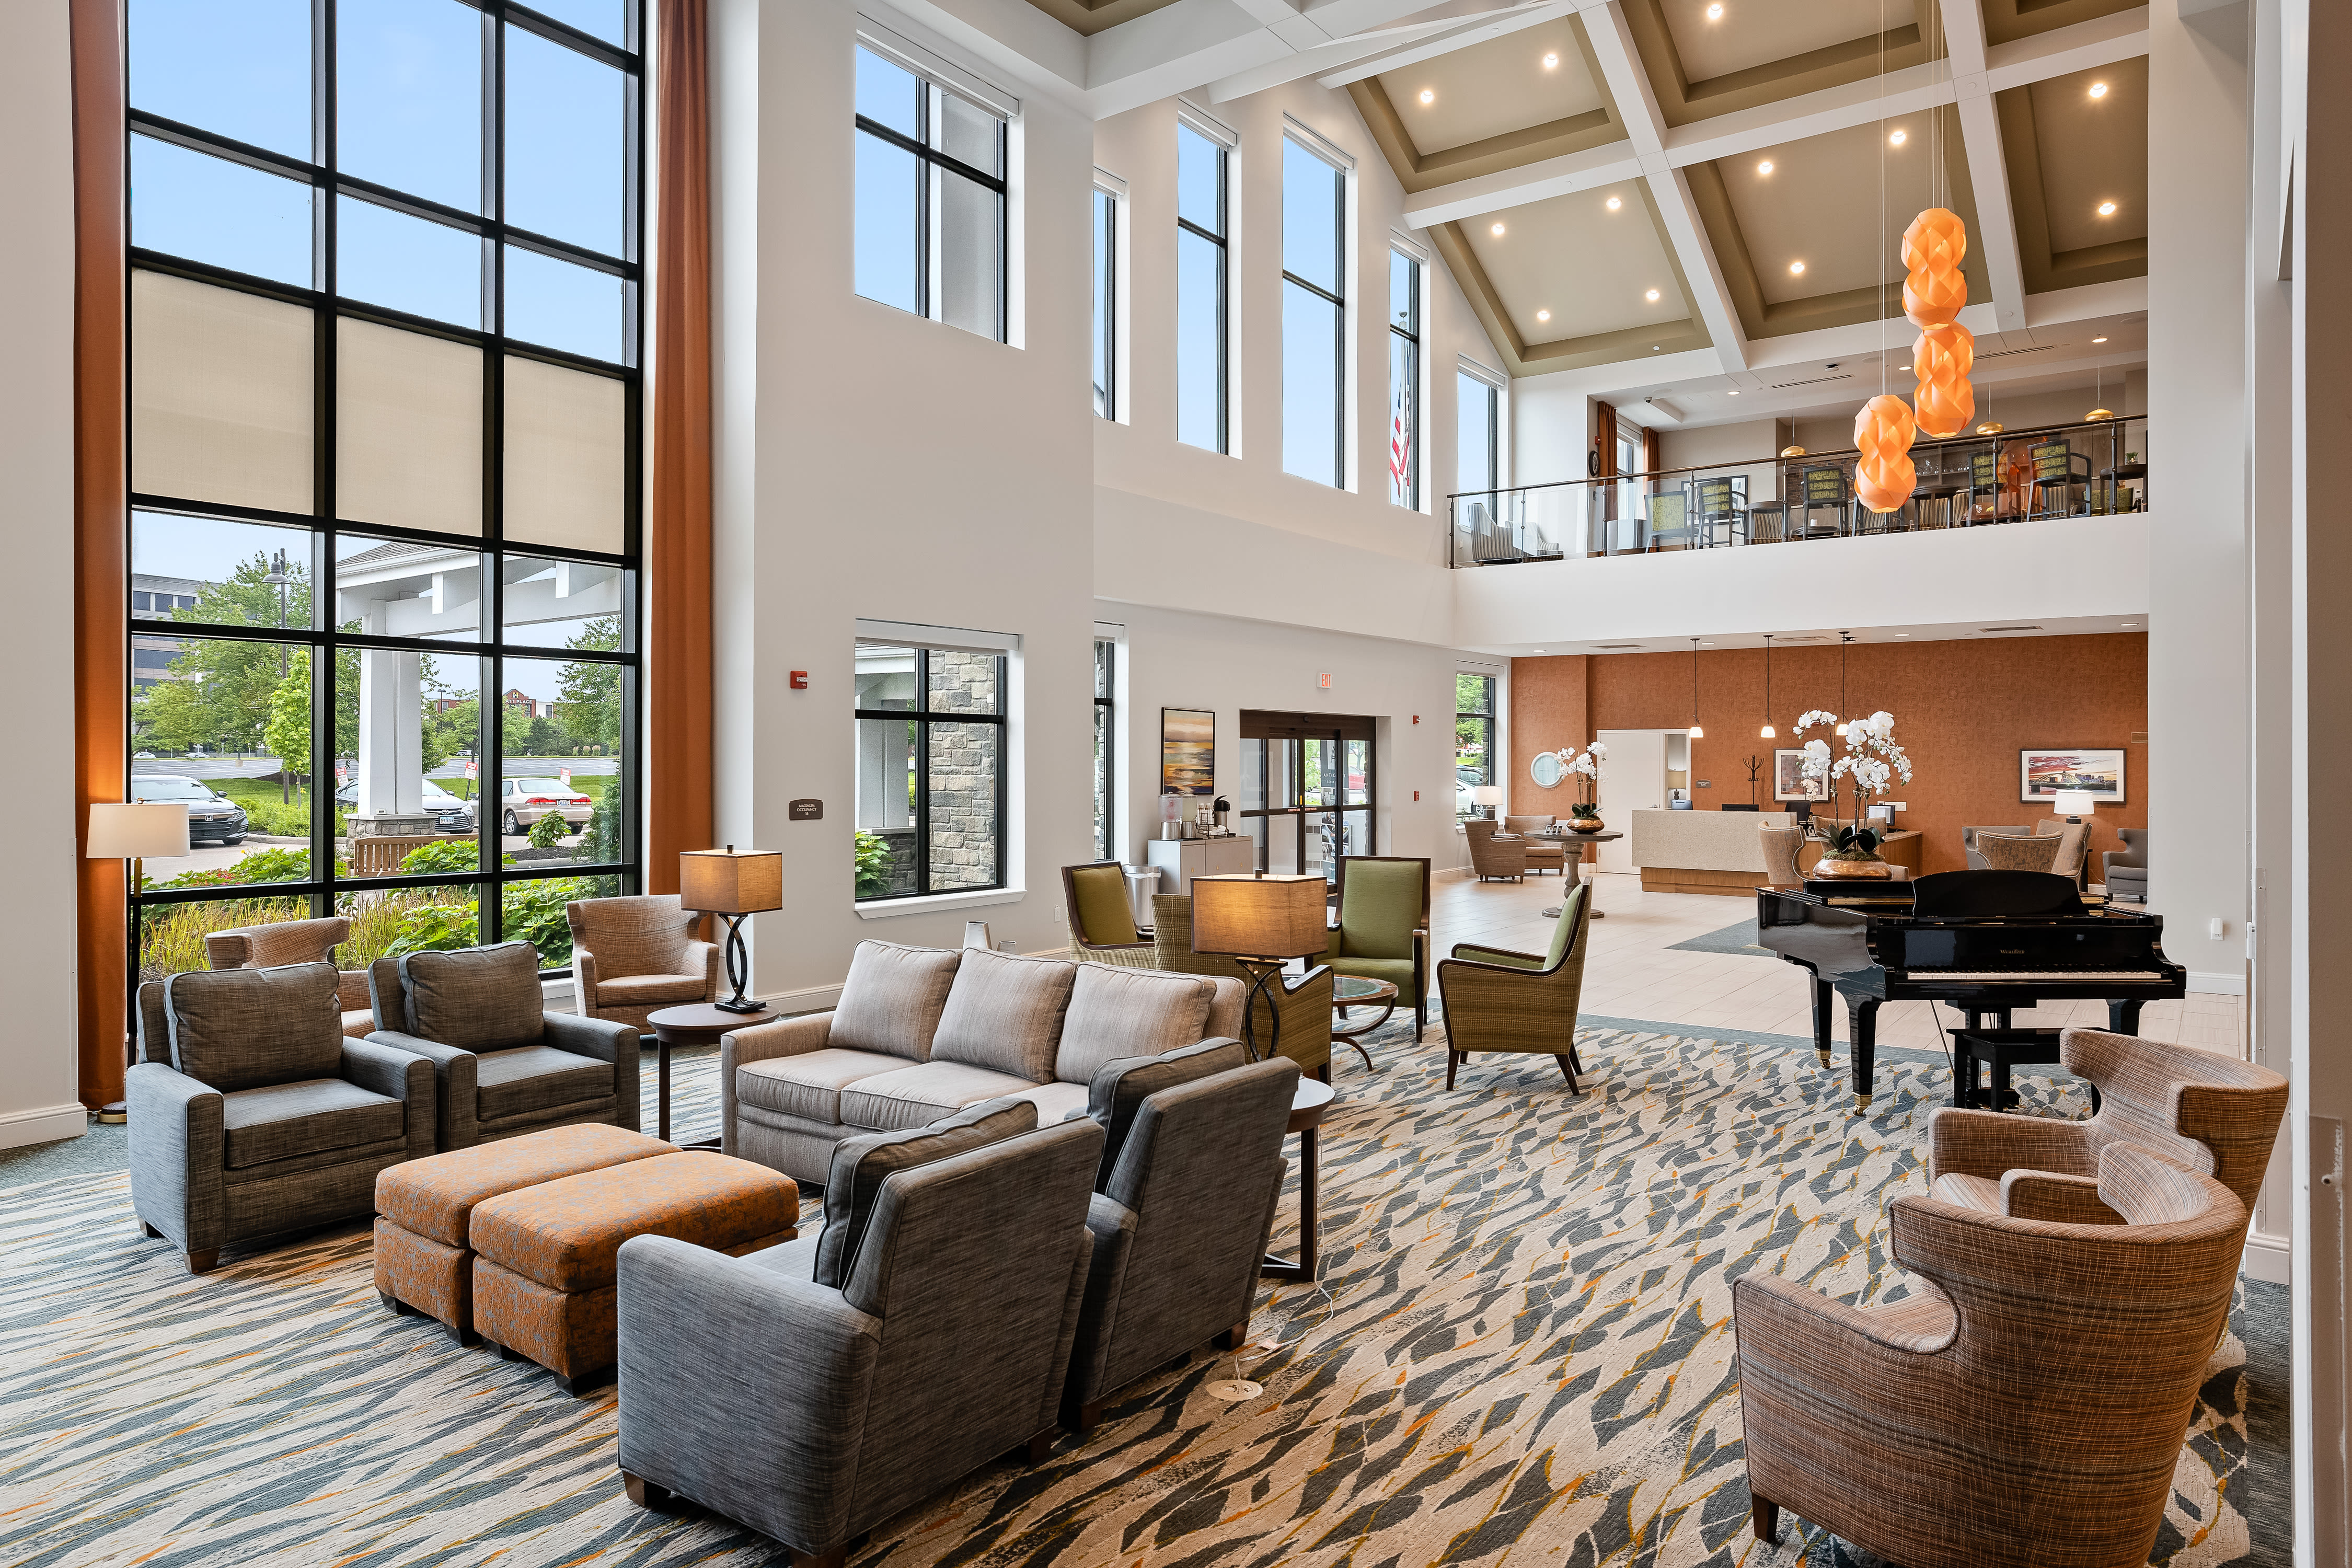 Lounge area at Anthology of Mason in Mason, Ohio